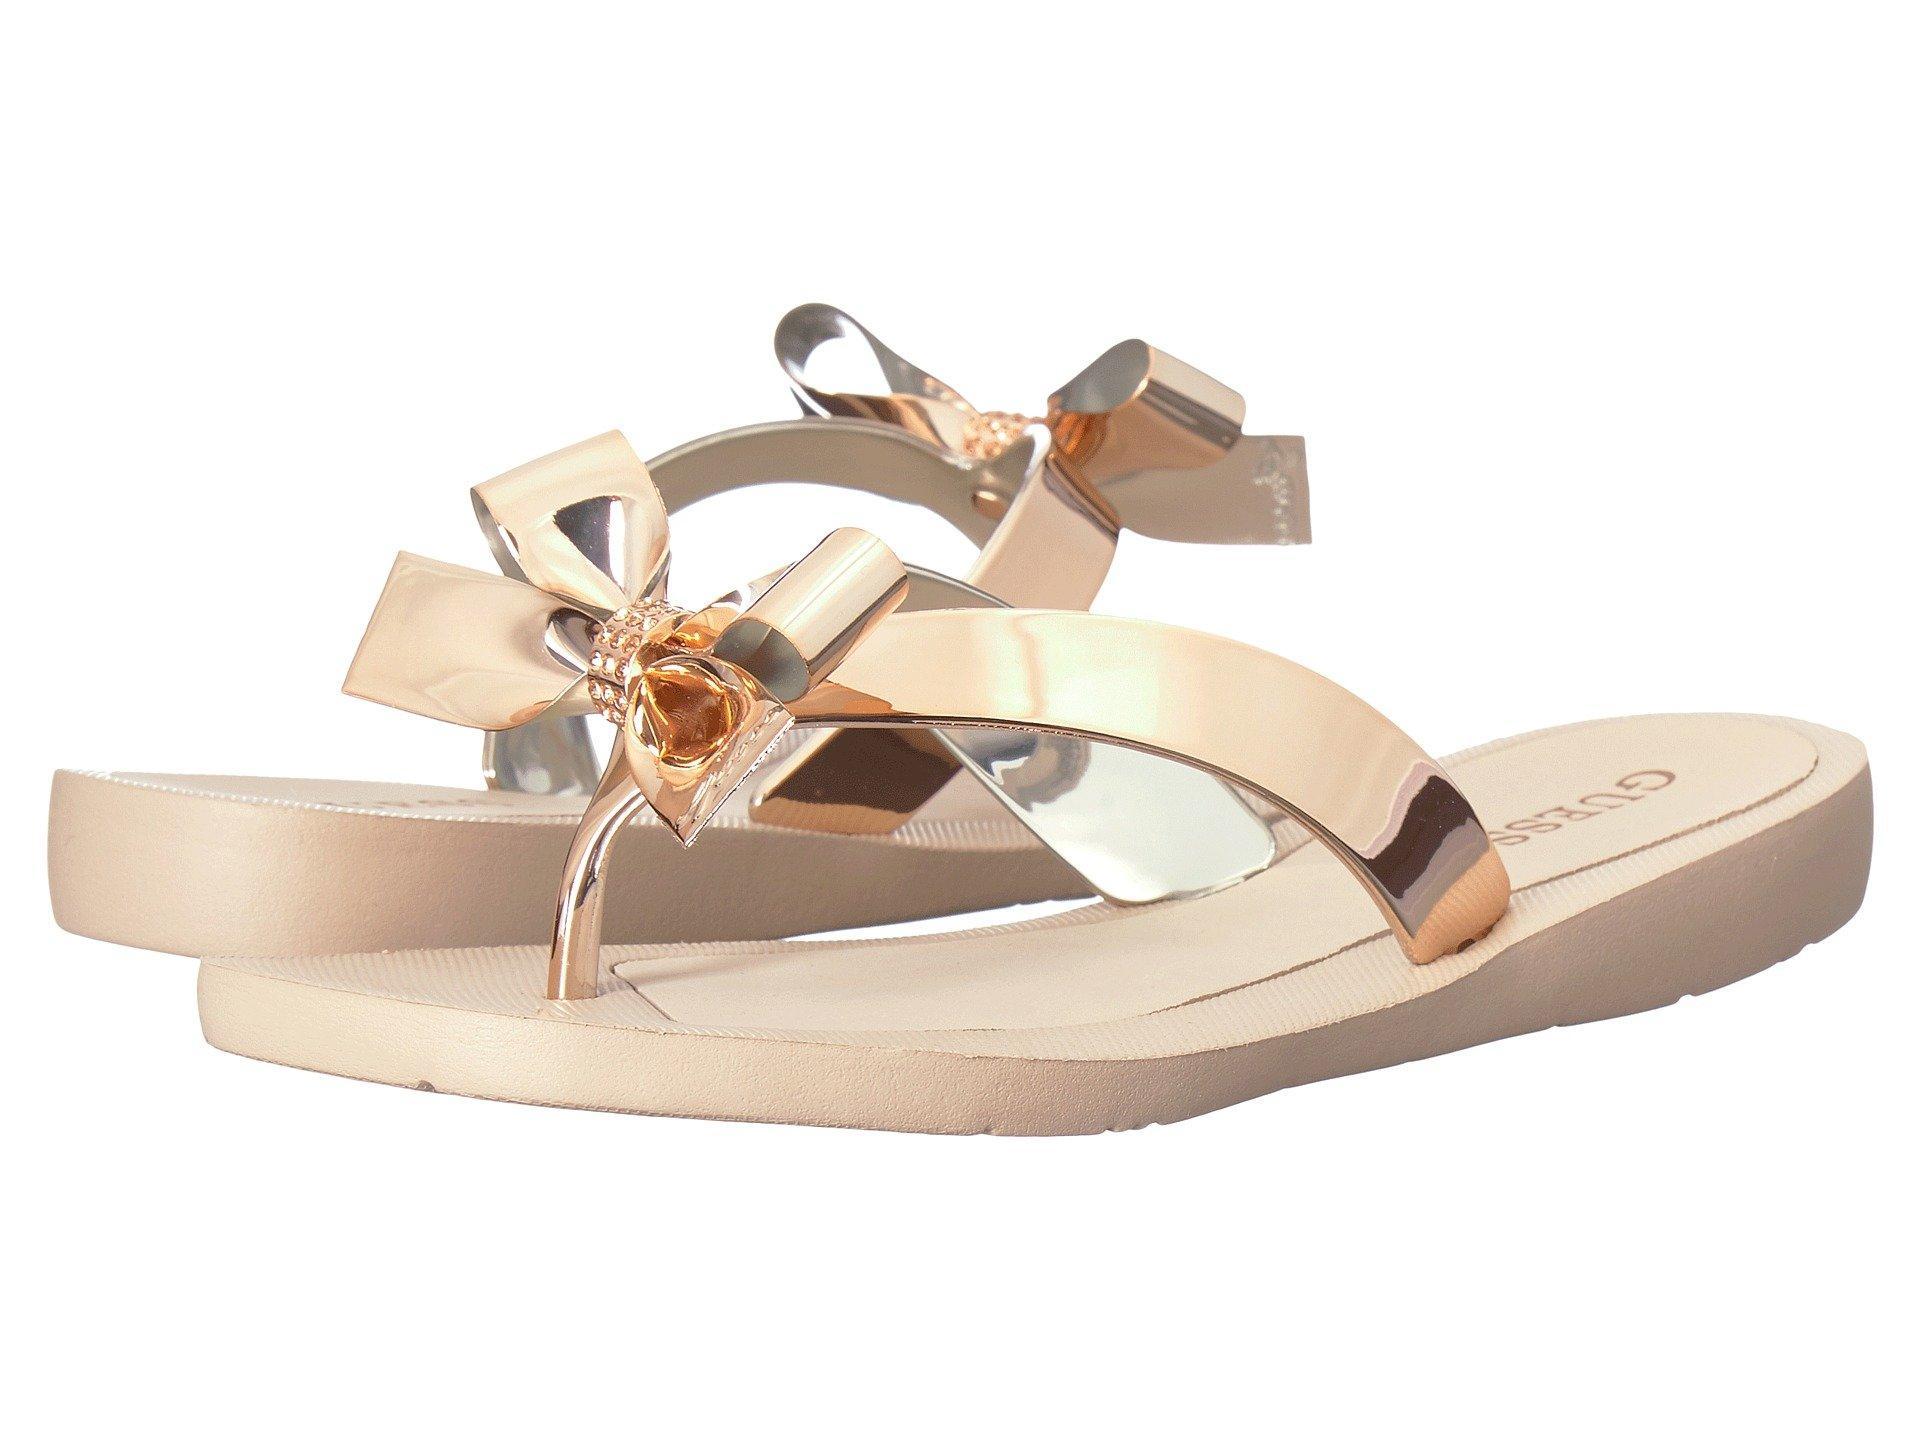 d3b2d353164d Lyst - Guess Tutu (gold gold) Women s Sandals